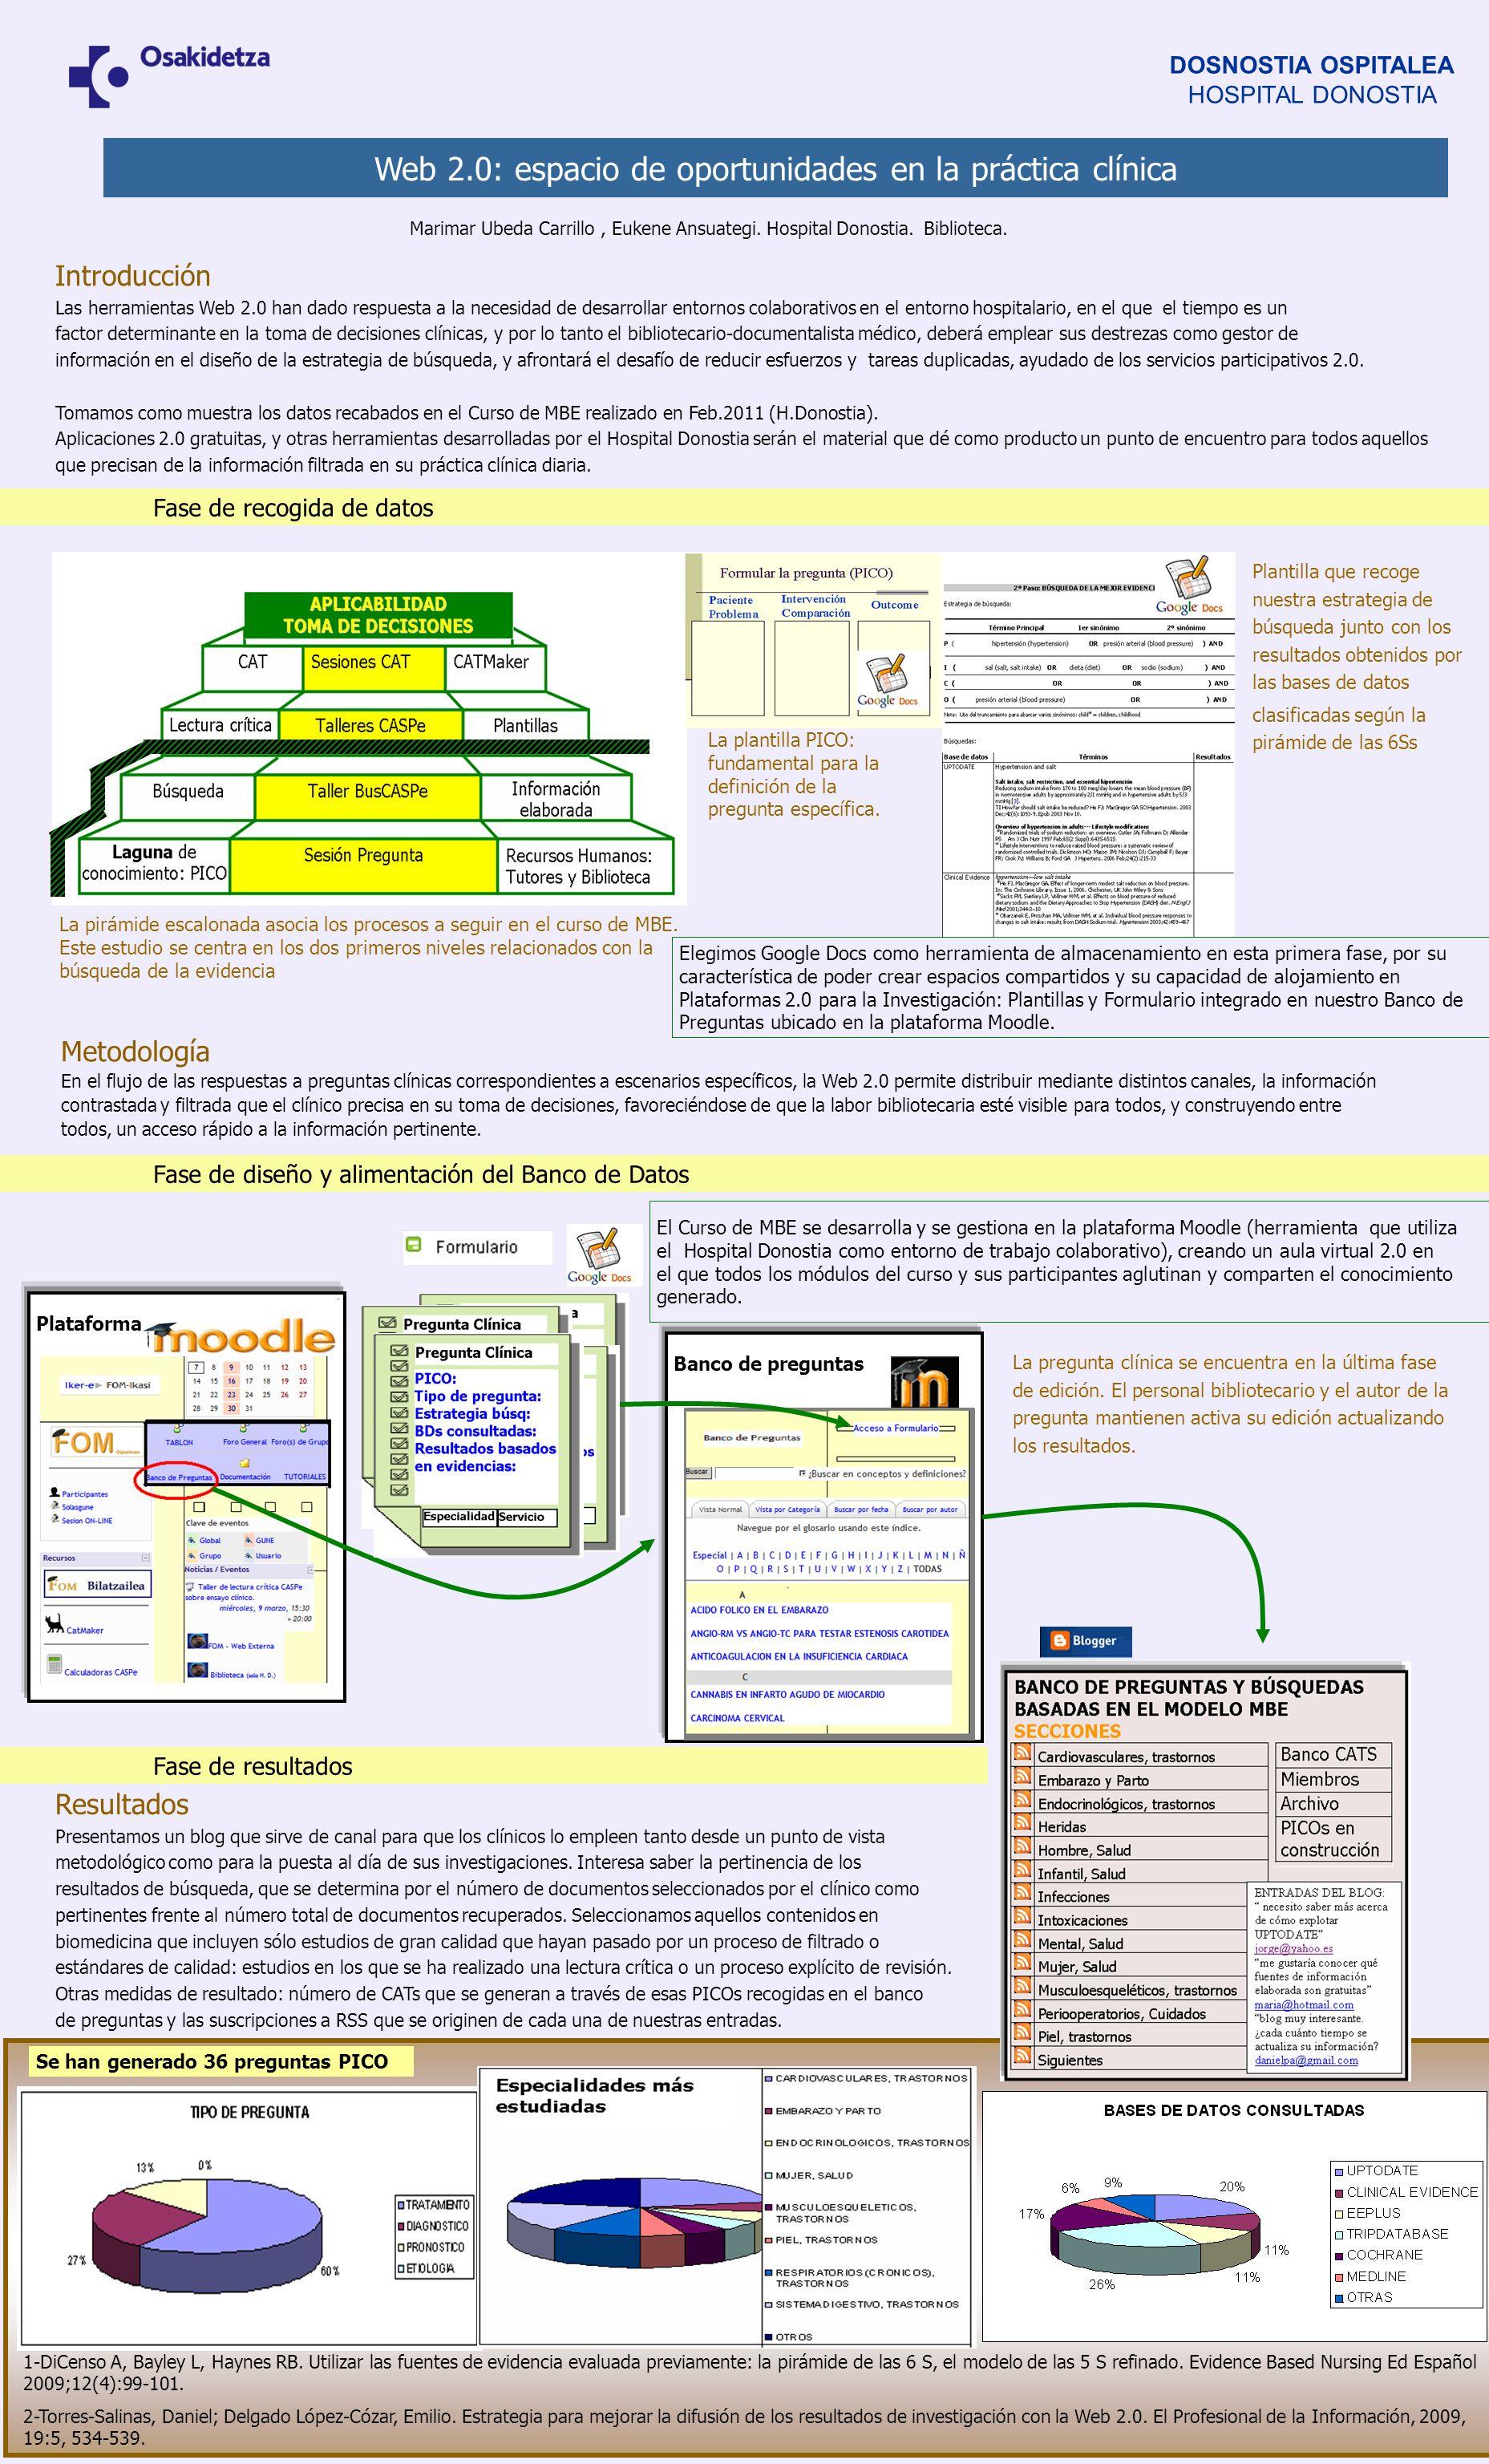 Web 2.0: espacio de oportunidades en la práctica clínica